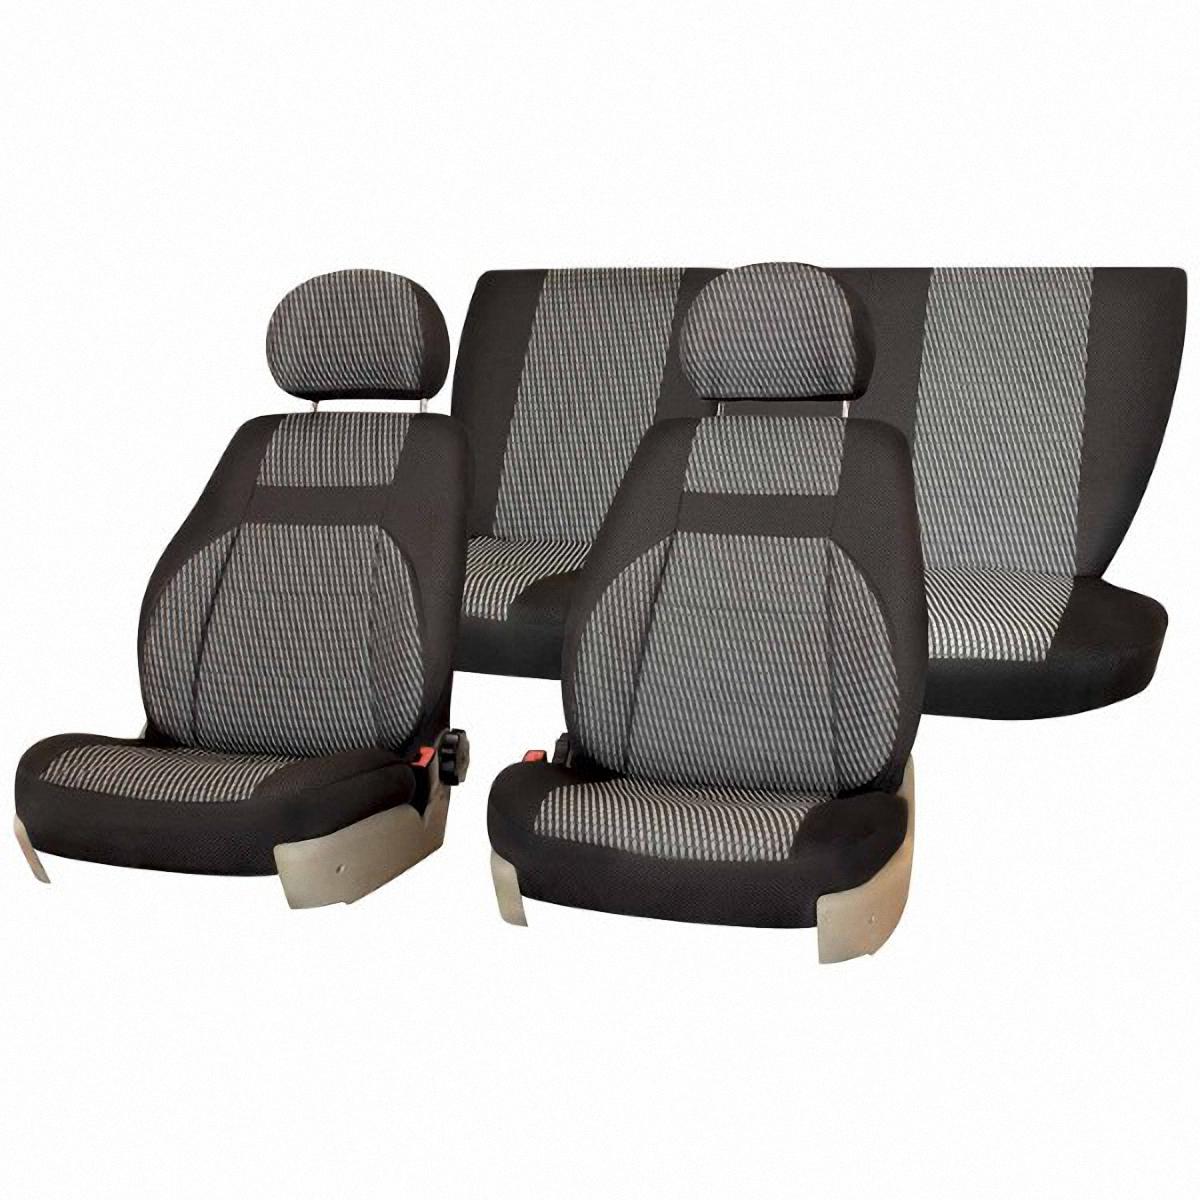 Чехлы автомобильные Skyway, для Lada Priora, седан, цвет: светло-серыйV005-D1Автомобильные чехлы Skyway изготовлены из качественного жаккарда. Чехлы идеально повторяют штатную форму сидений и выглядят как оригинальная обивка сидений. Разработаны индивидуально для каждой модели автомобиля. Авточехлы Skyway просты в уходе - загрязнения легко удаляются влажной тканью. Чехлы имеют раздельную схему надевания. В комплекте 12 предметов.